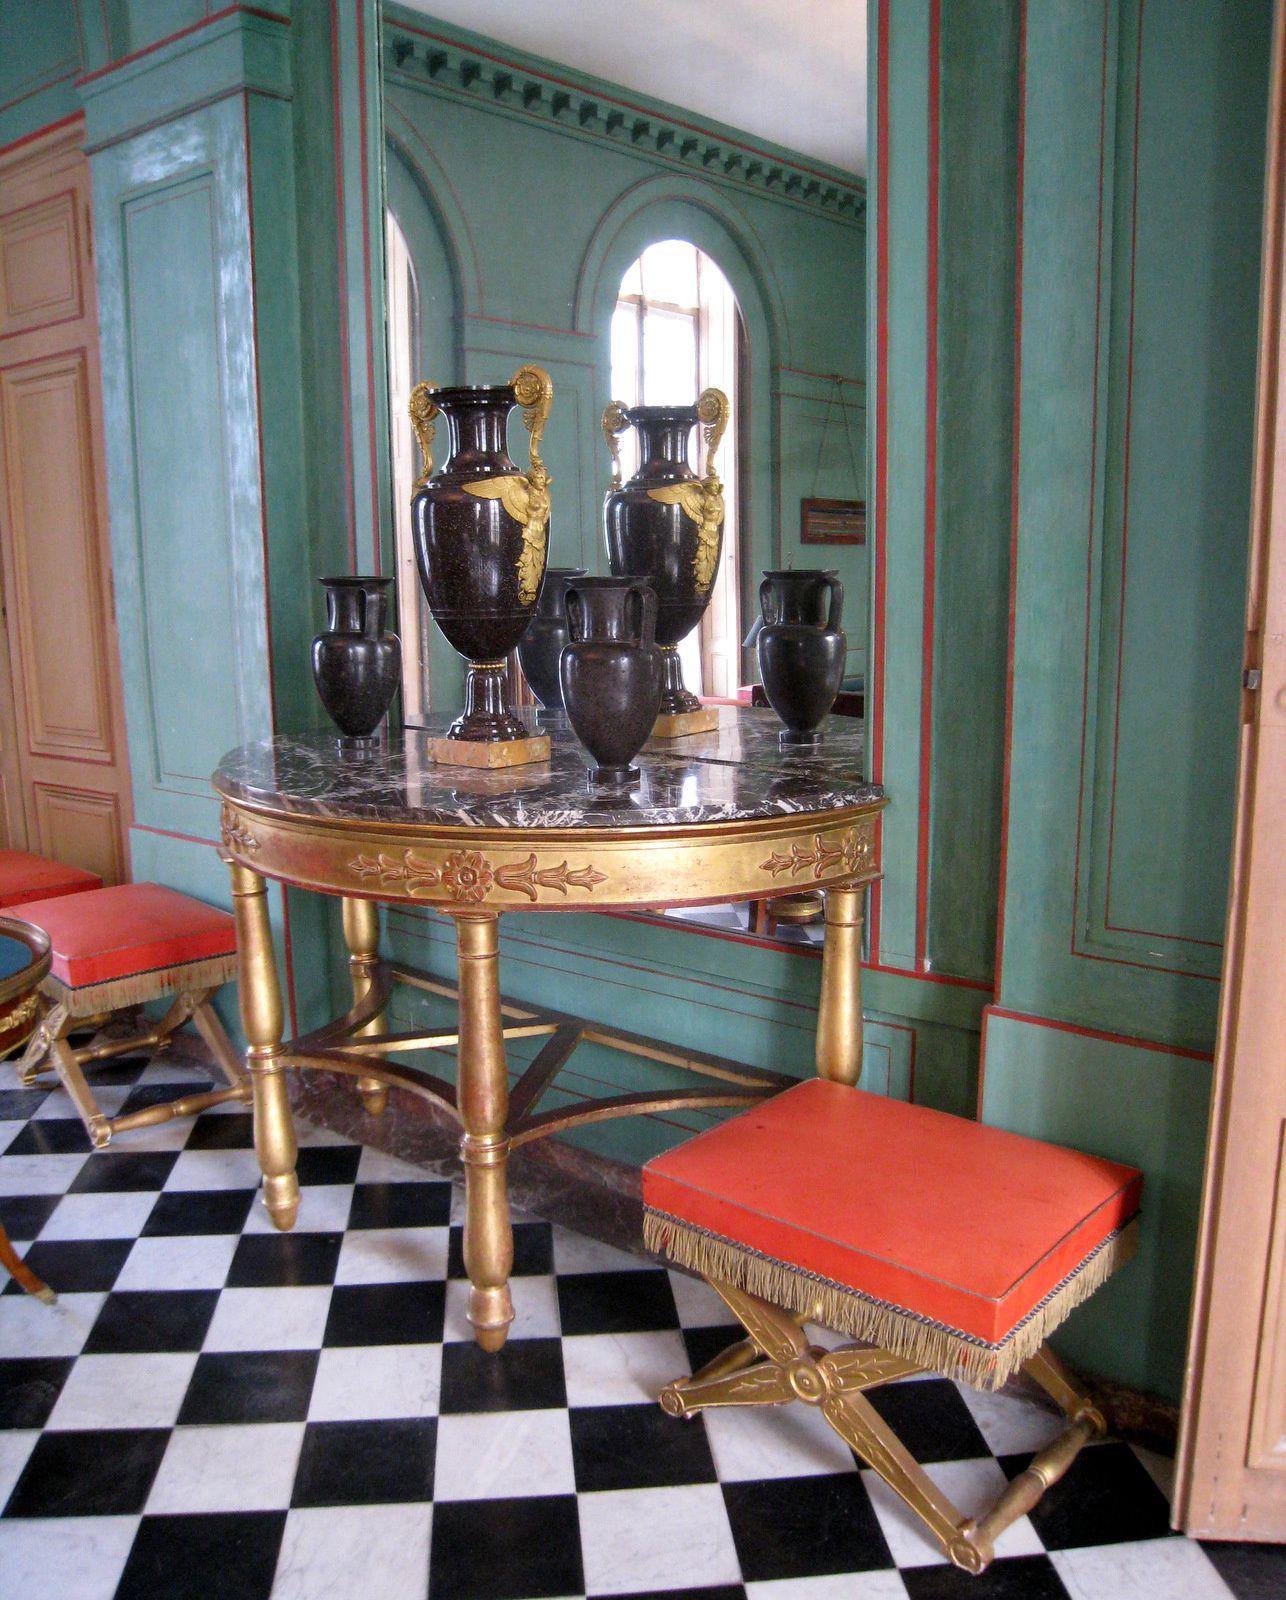 Table de jeu de Bouillotte de la salle de billard du château de Malmaison